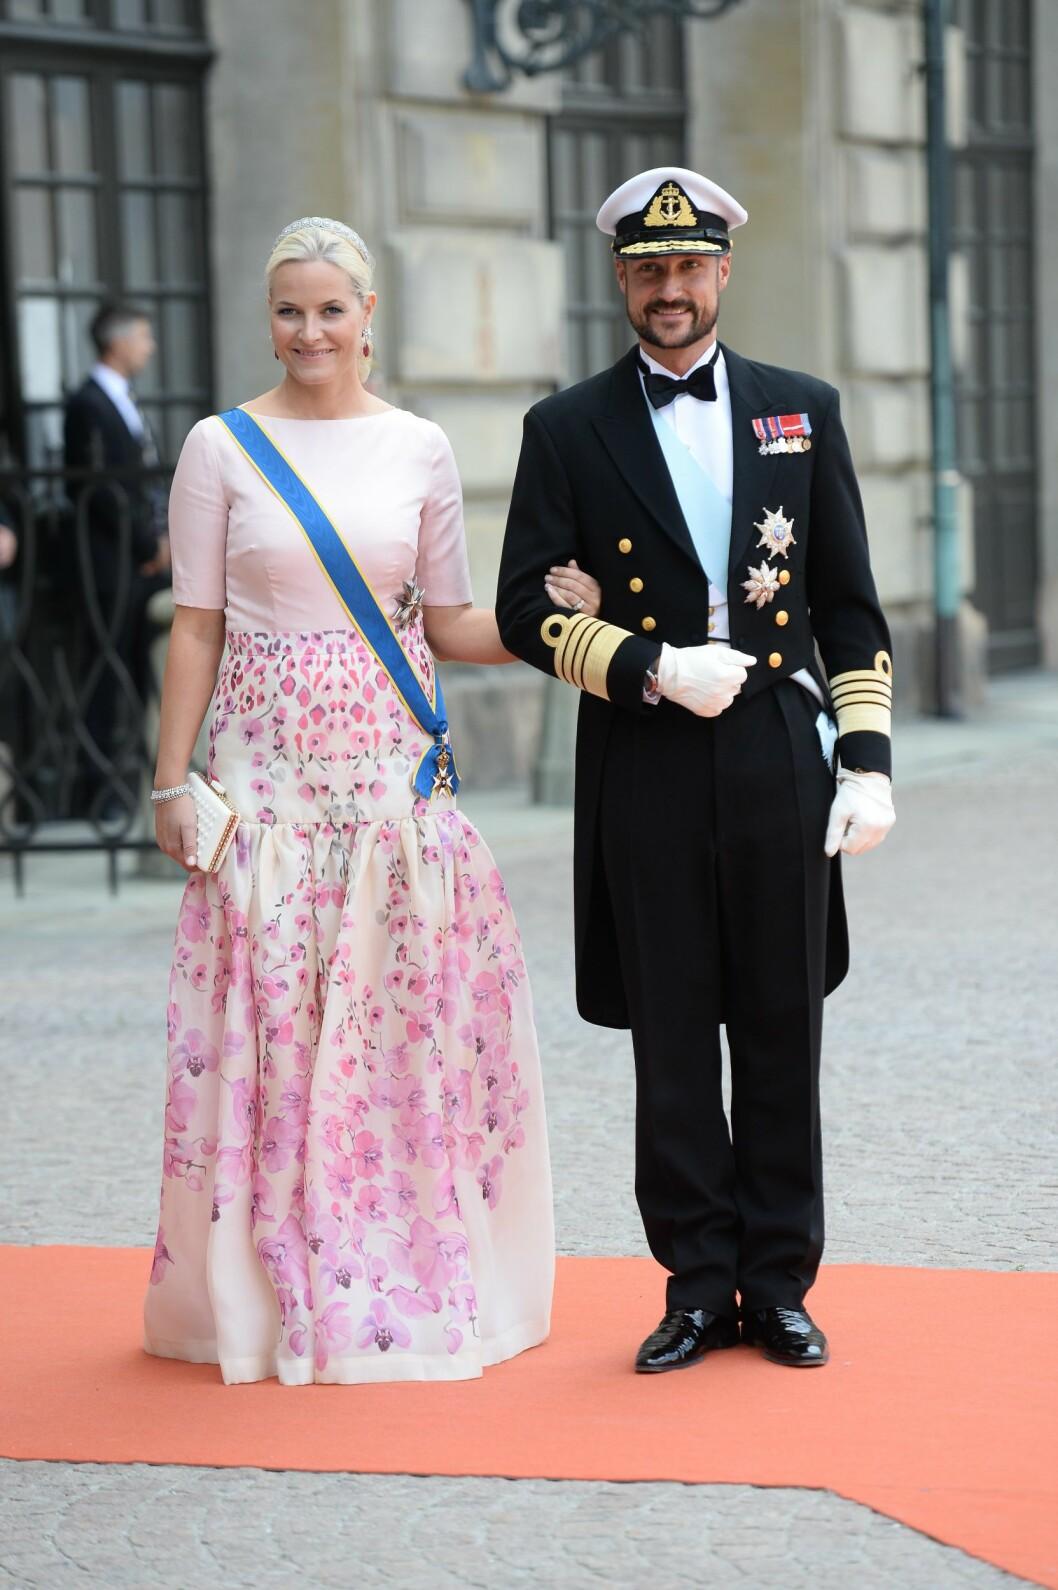 <strong>TODELT:</strong> Mette-Marits antrekk ligner på en kjole, men er i virkeligheten er spesialdesignet overdel med matchende skjørt.  Foto: NTB scanpix